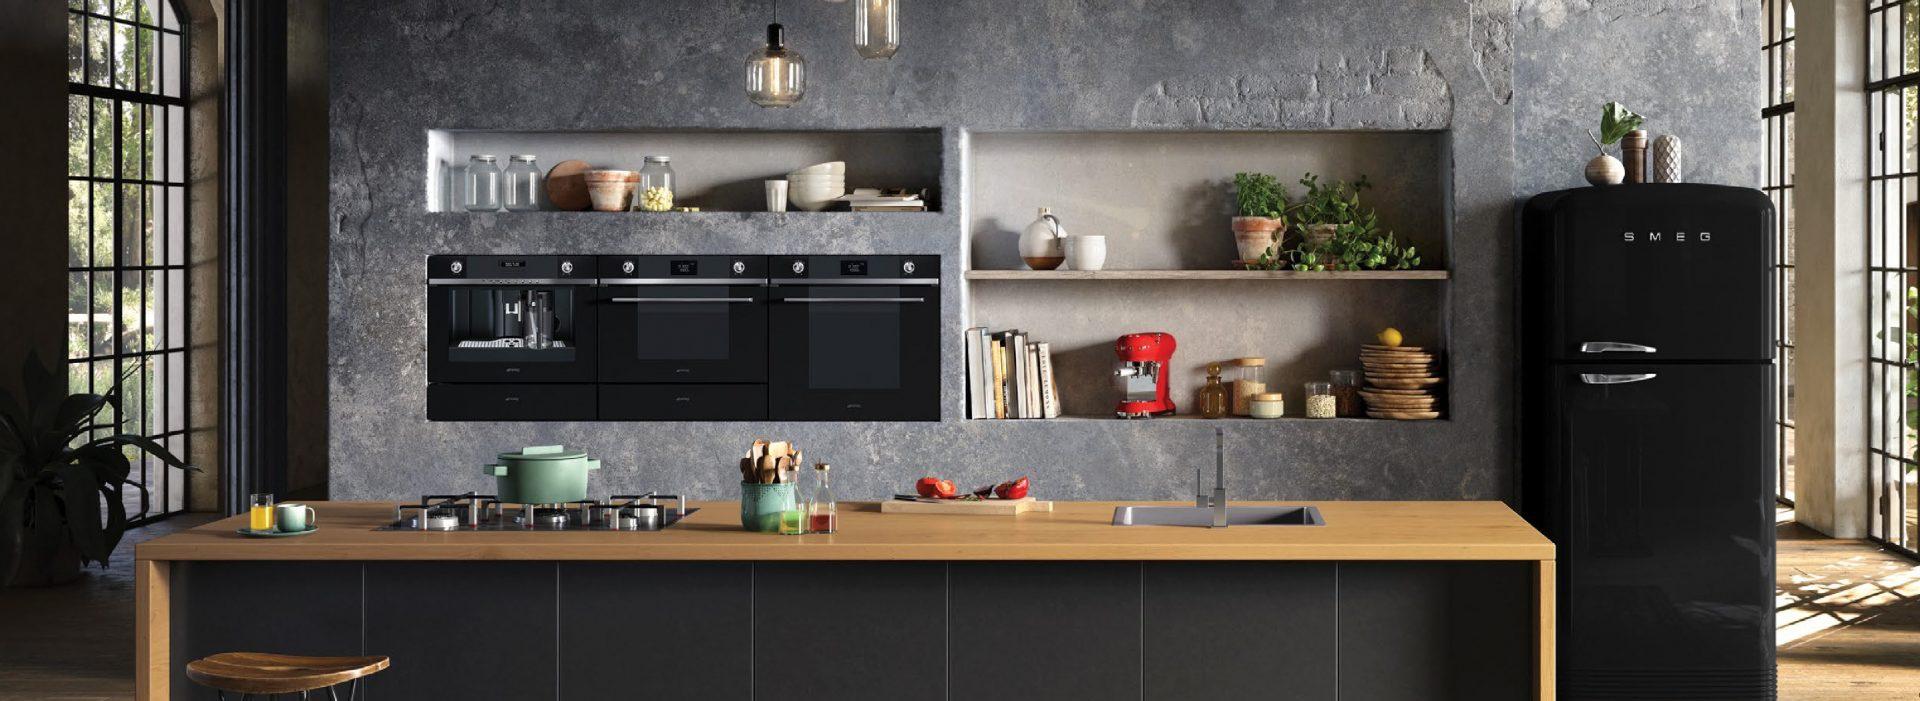 Built in cupboards Pretoria